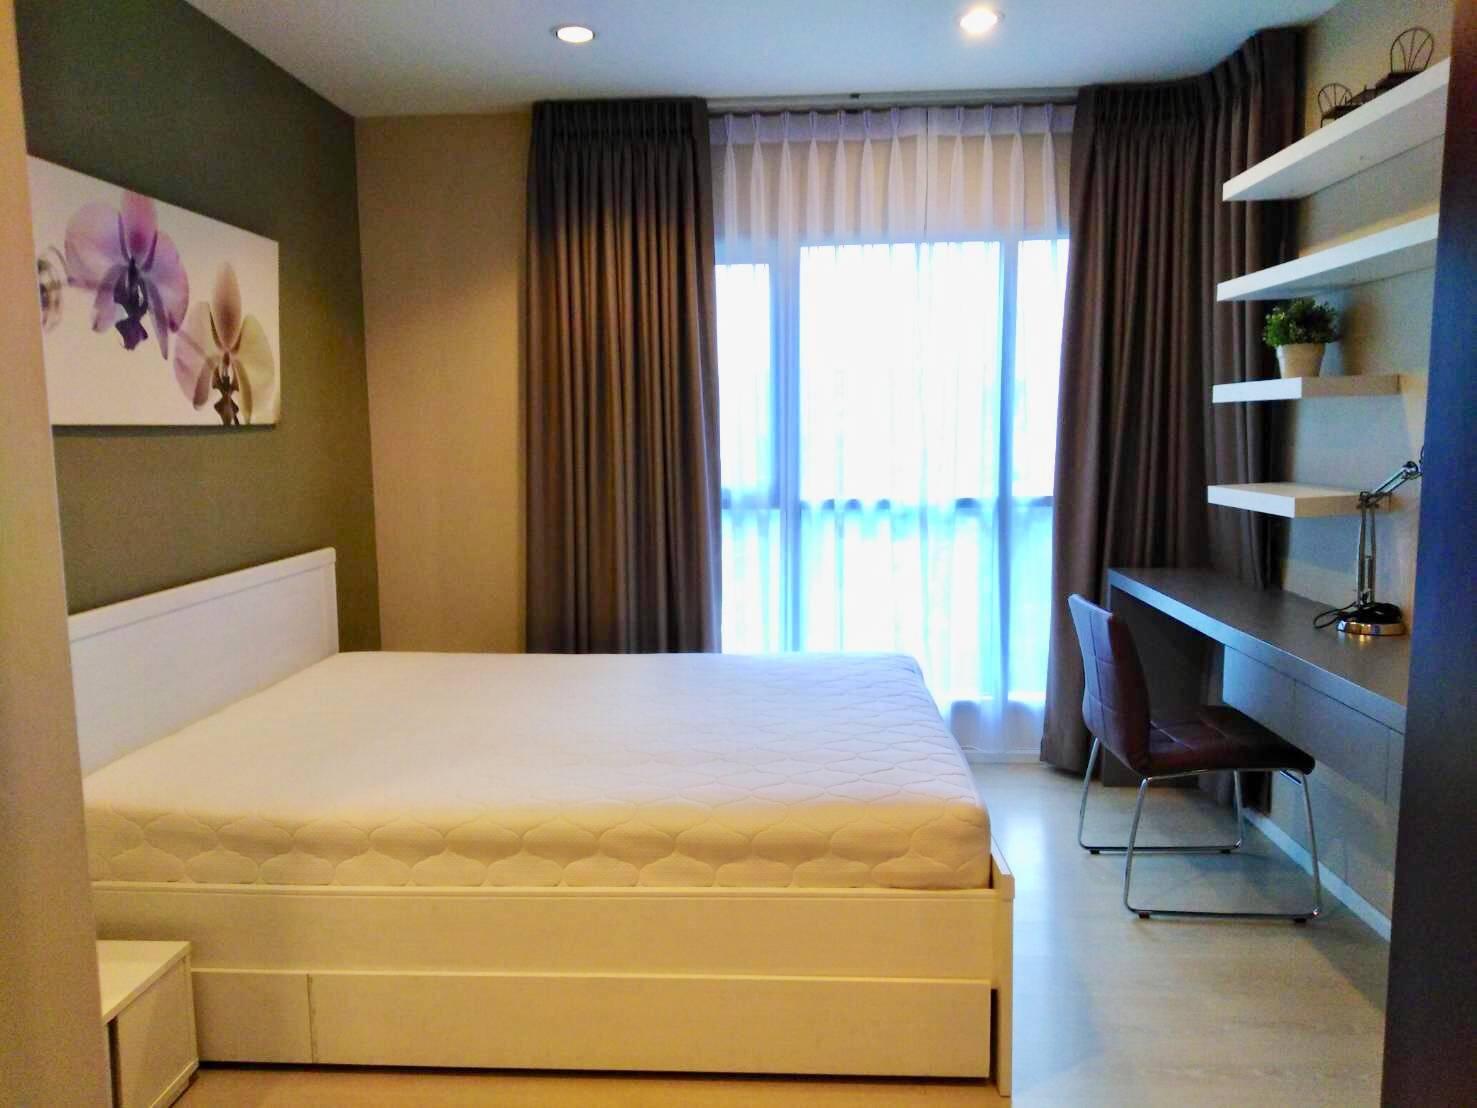 ภาพคอนโดต้องการขายสัญญาเช่า แอสไพร์ พระราม 9  พระราม 9 ซอย 2  บางกะปิ ห้วยขวาง 2 ห้องนอน พร้อมอยู่ ราคาถูก